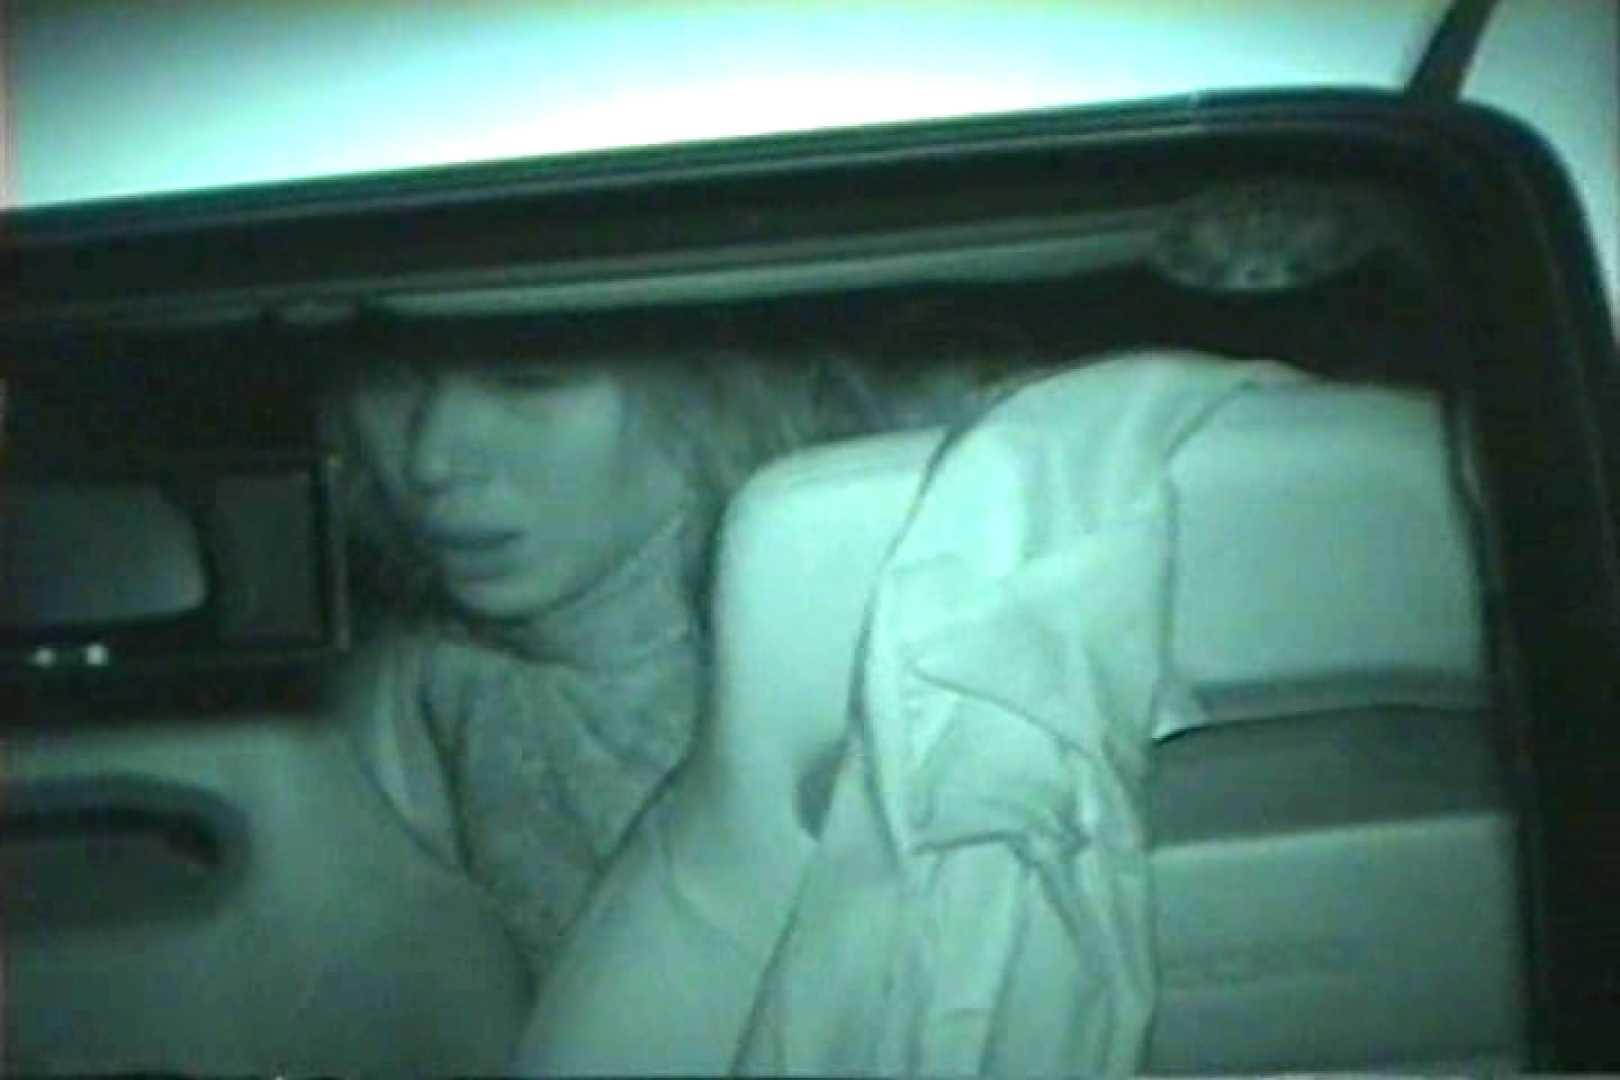 車の中はラブホテル 無修正版  Vol.27 盗撮 すけべAV動画紹介 91画像 90